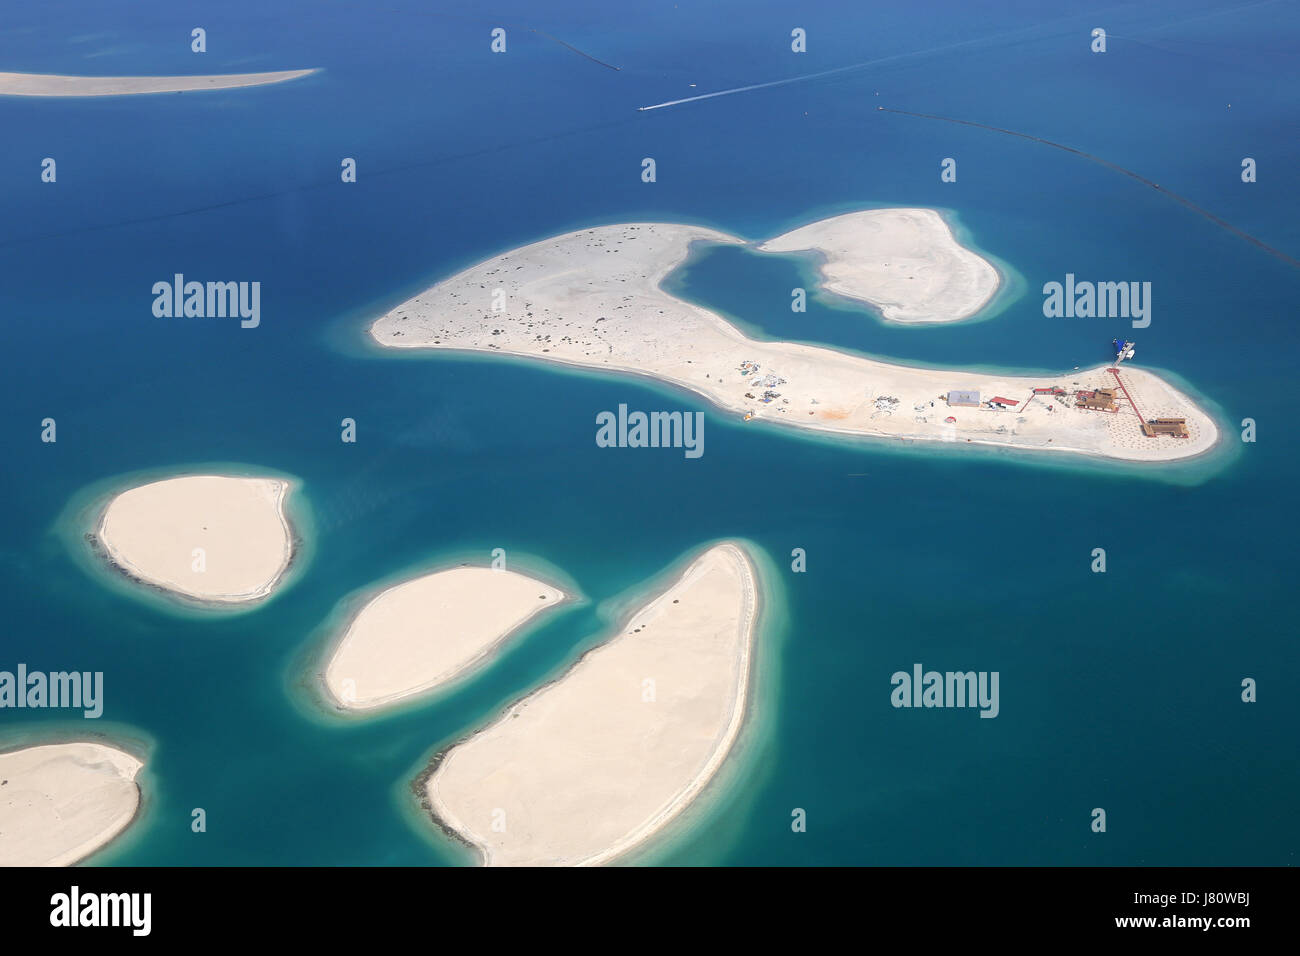 Dubai die Welt Clarence Insel Inseln Luftbild Fotografie Vereinigte Arabische Emirate Stockbild